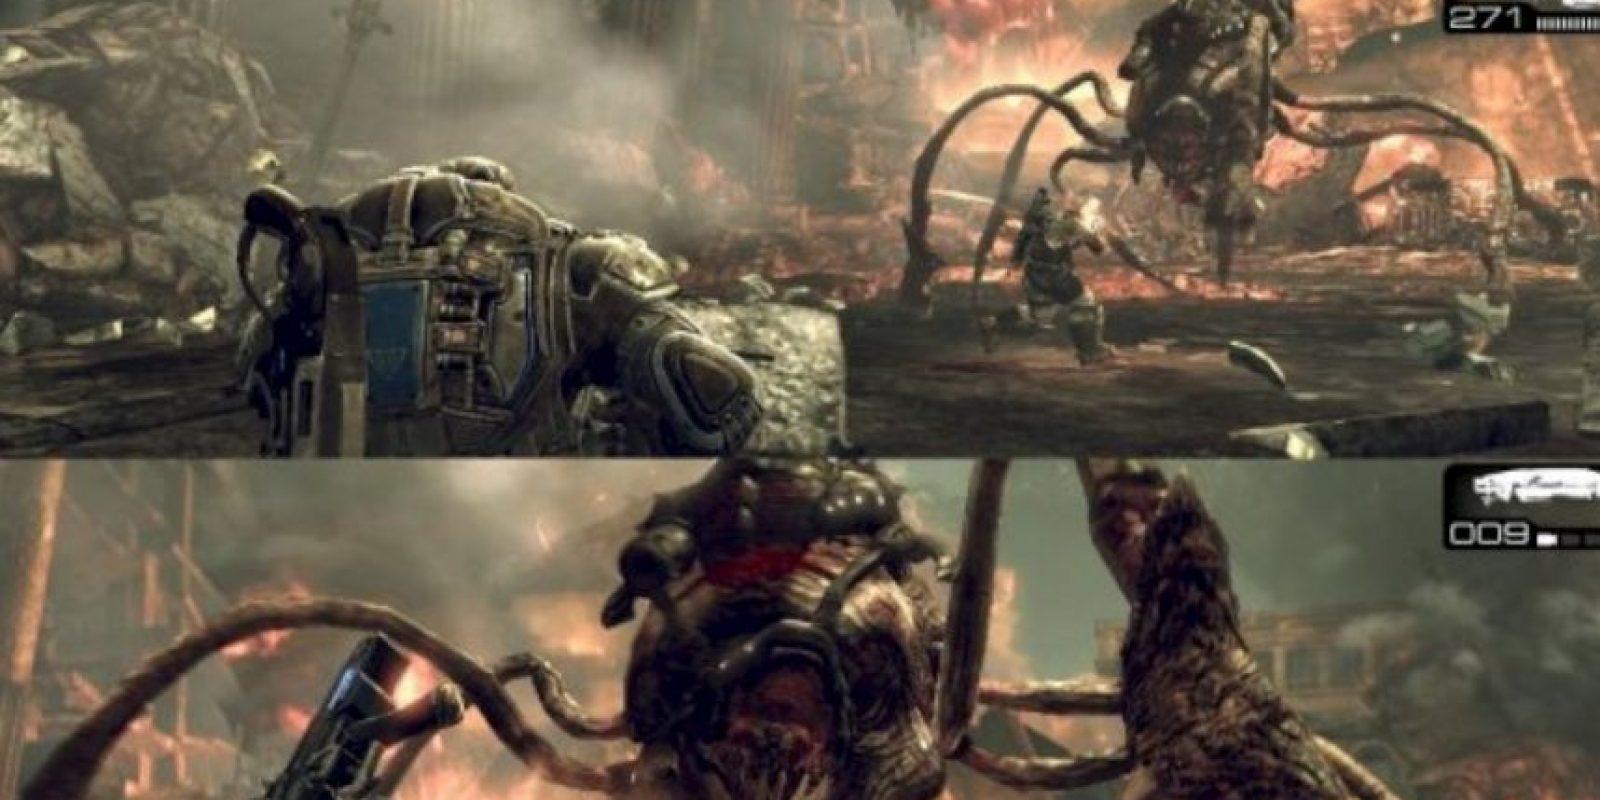 Fue el sexto juego mejor vendido de diciembre de 2008 en Estados Unidos, vendiendo poco más de 745 mil copias. Foto:Epic Games